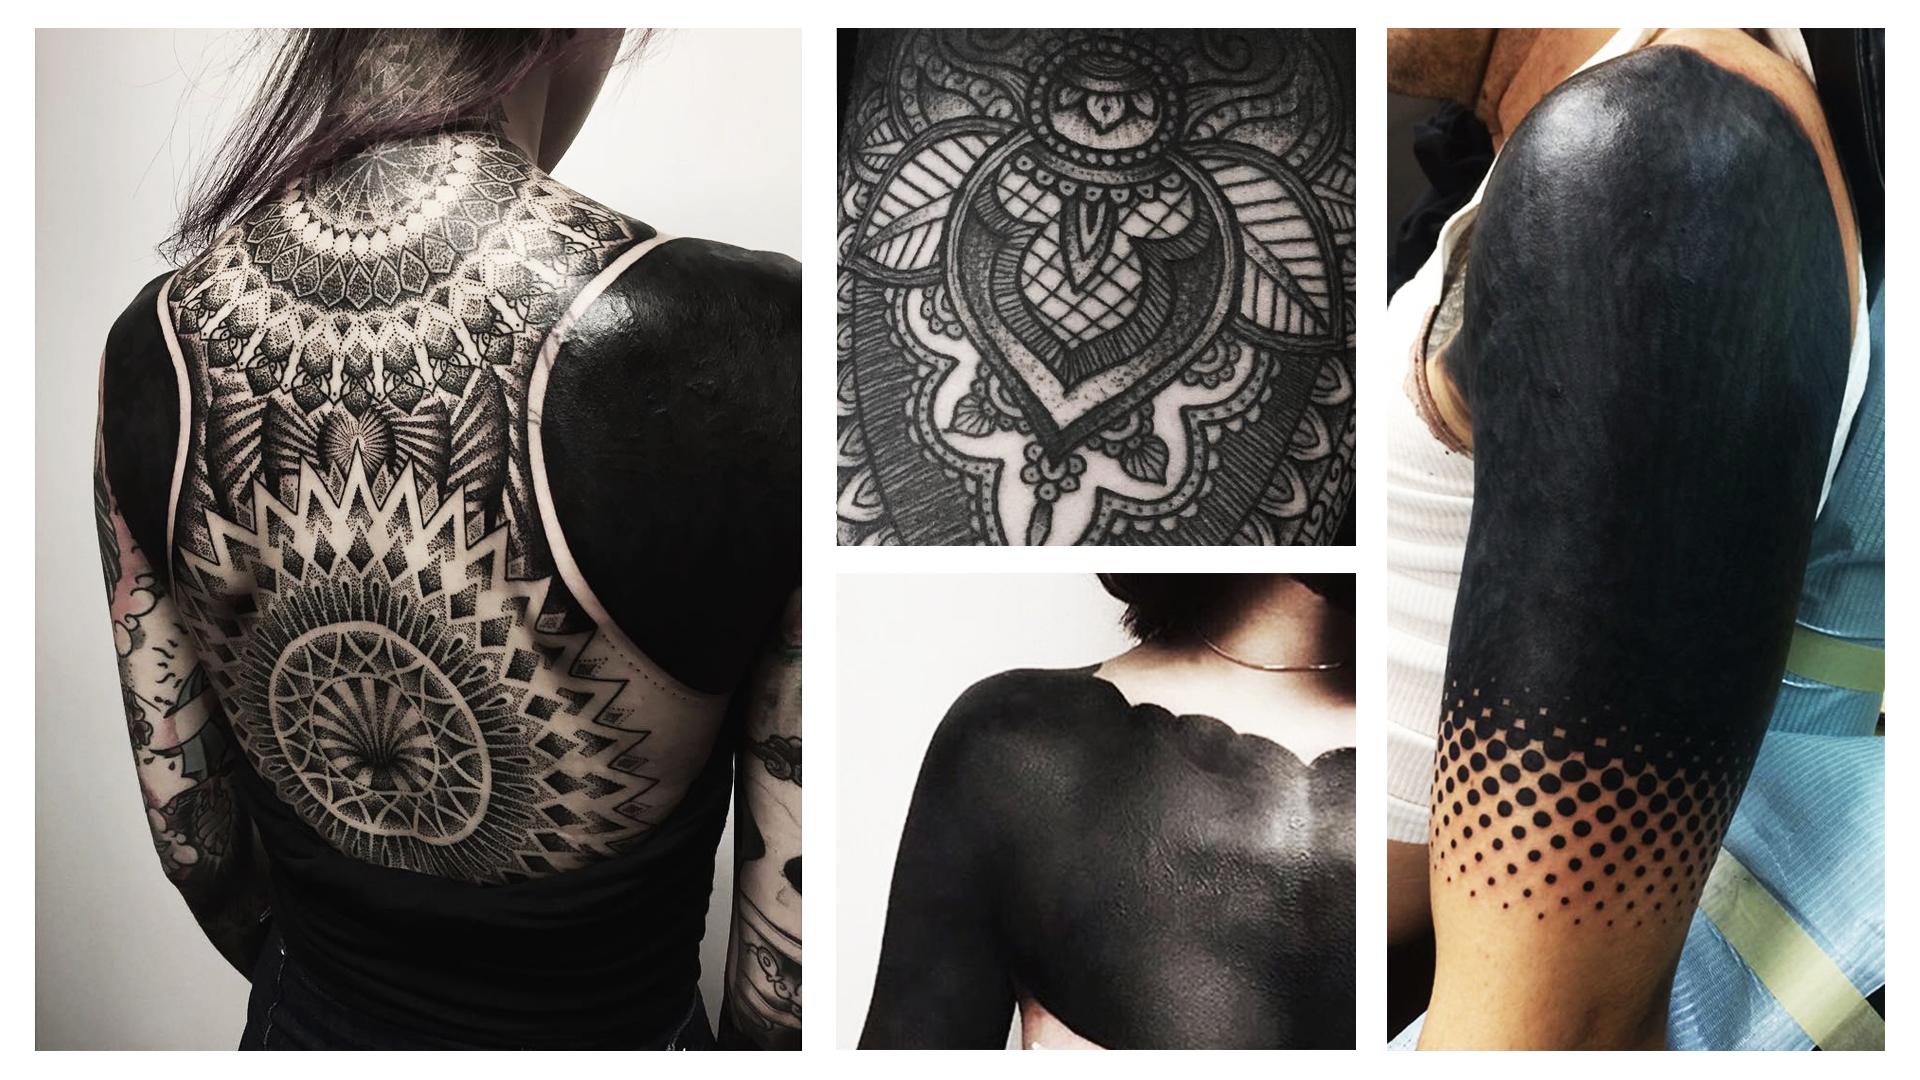 Tatuaze Damskie Czarne Tatuaze Po Nowemu Wizaz Pl